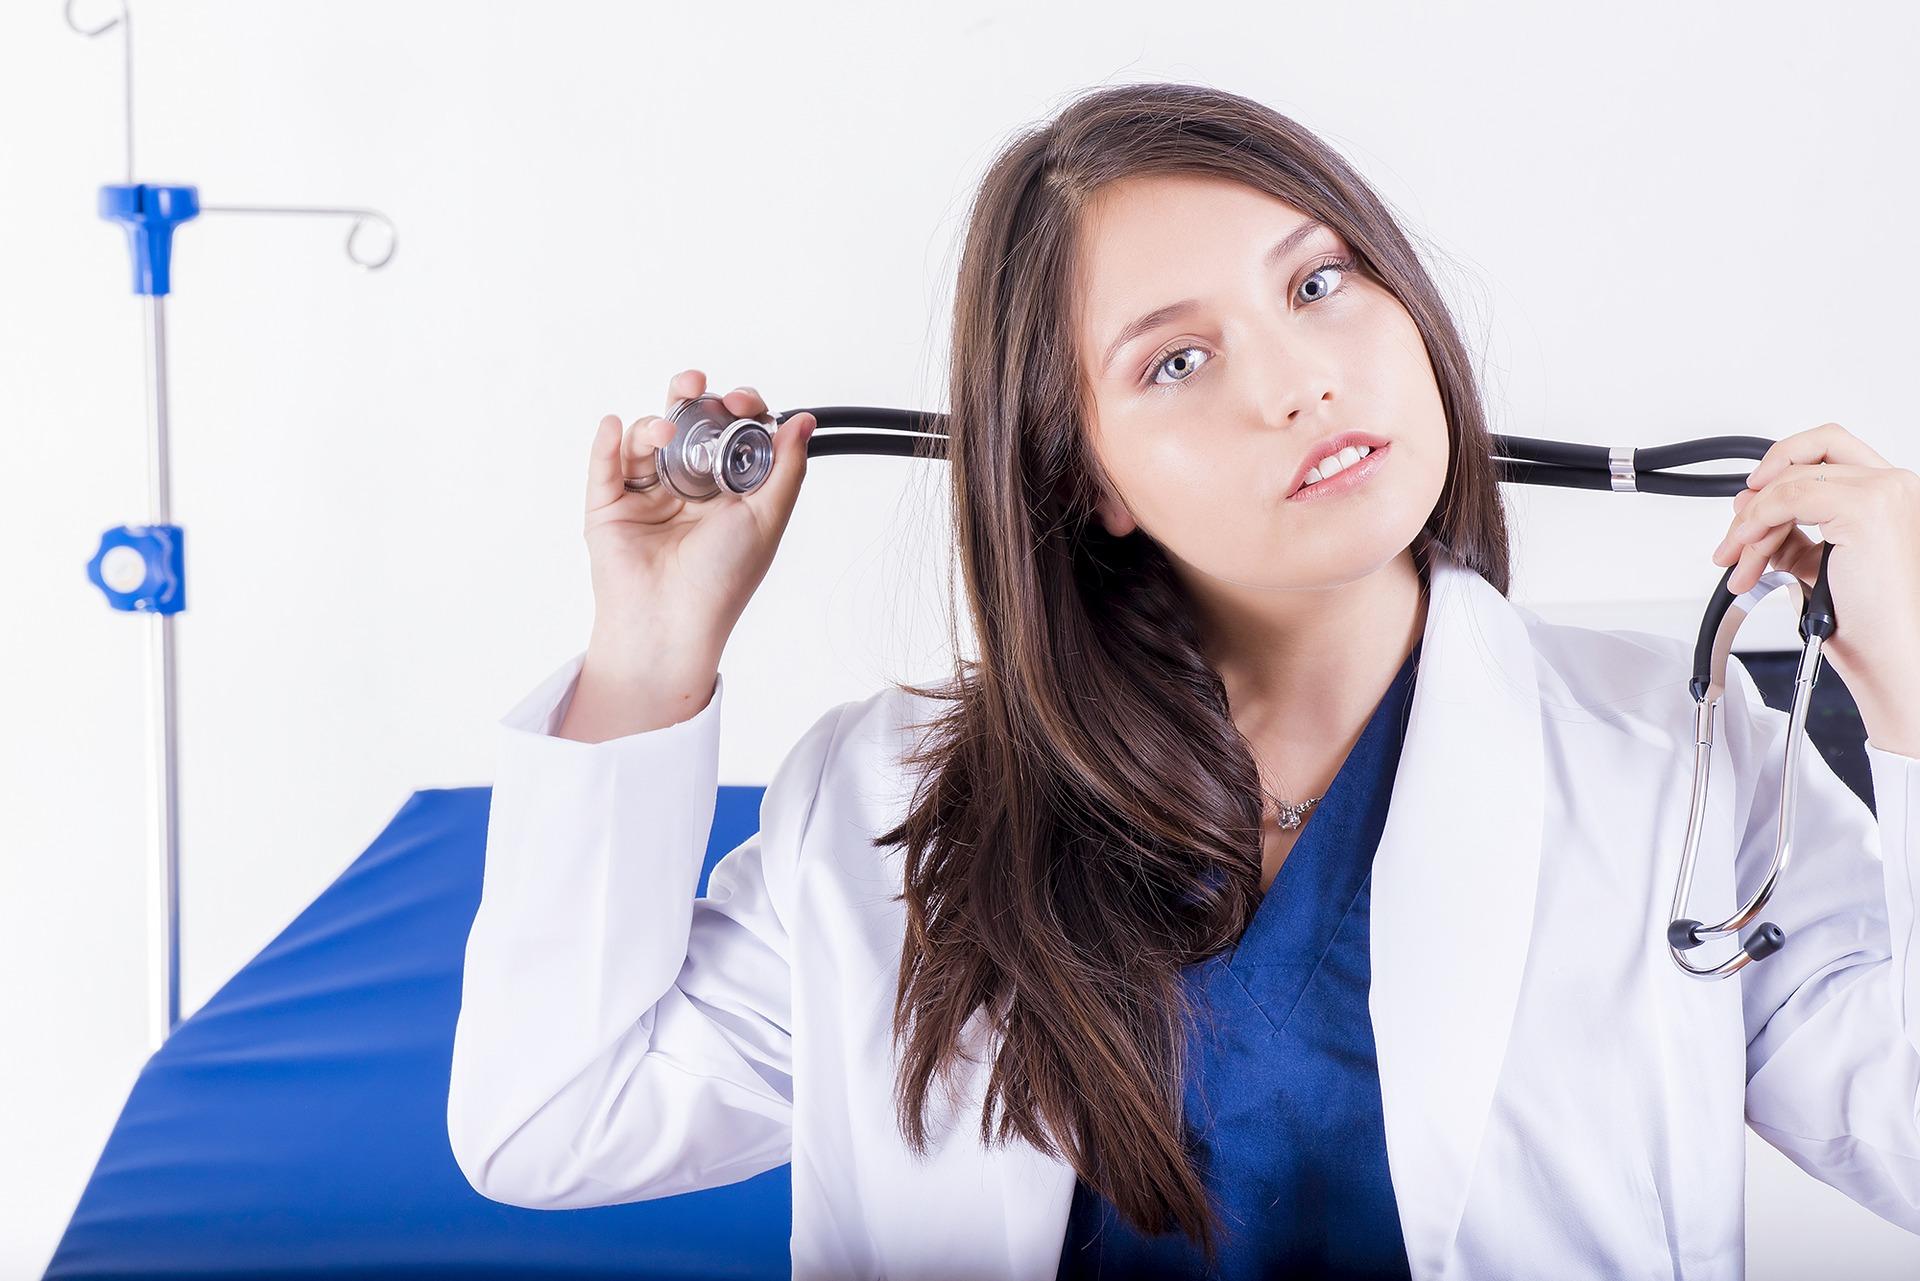 Więcej na temat laseroterapii